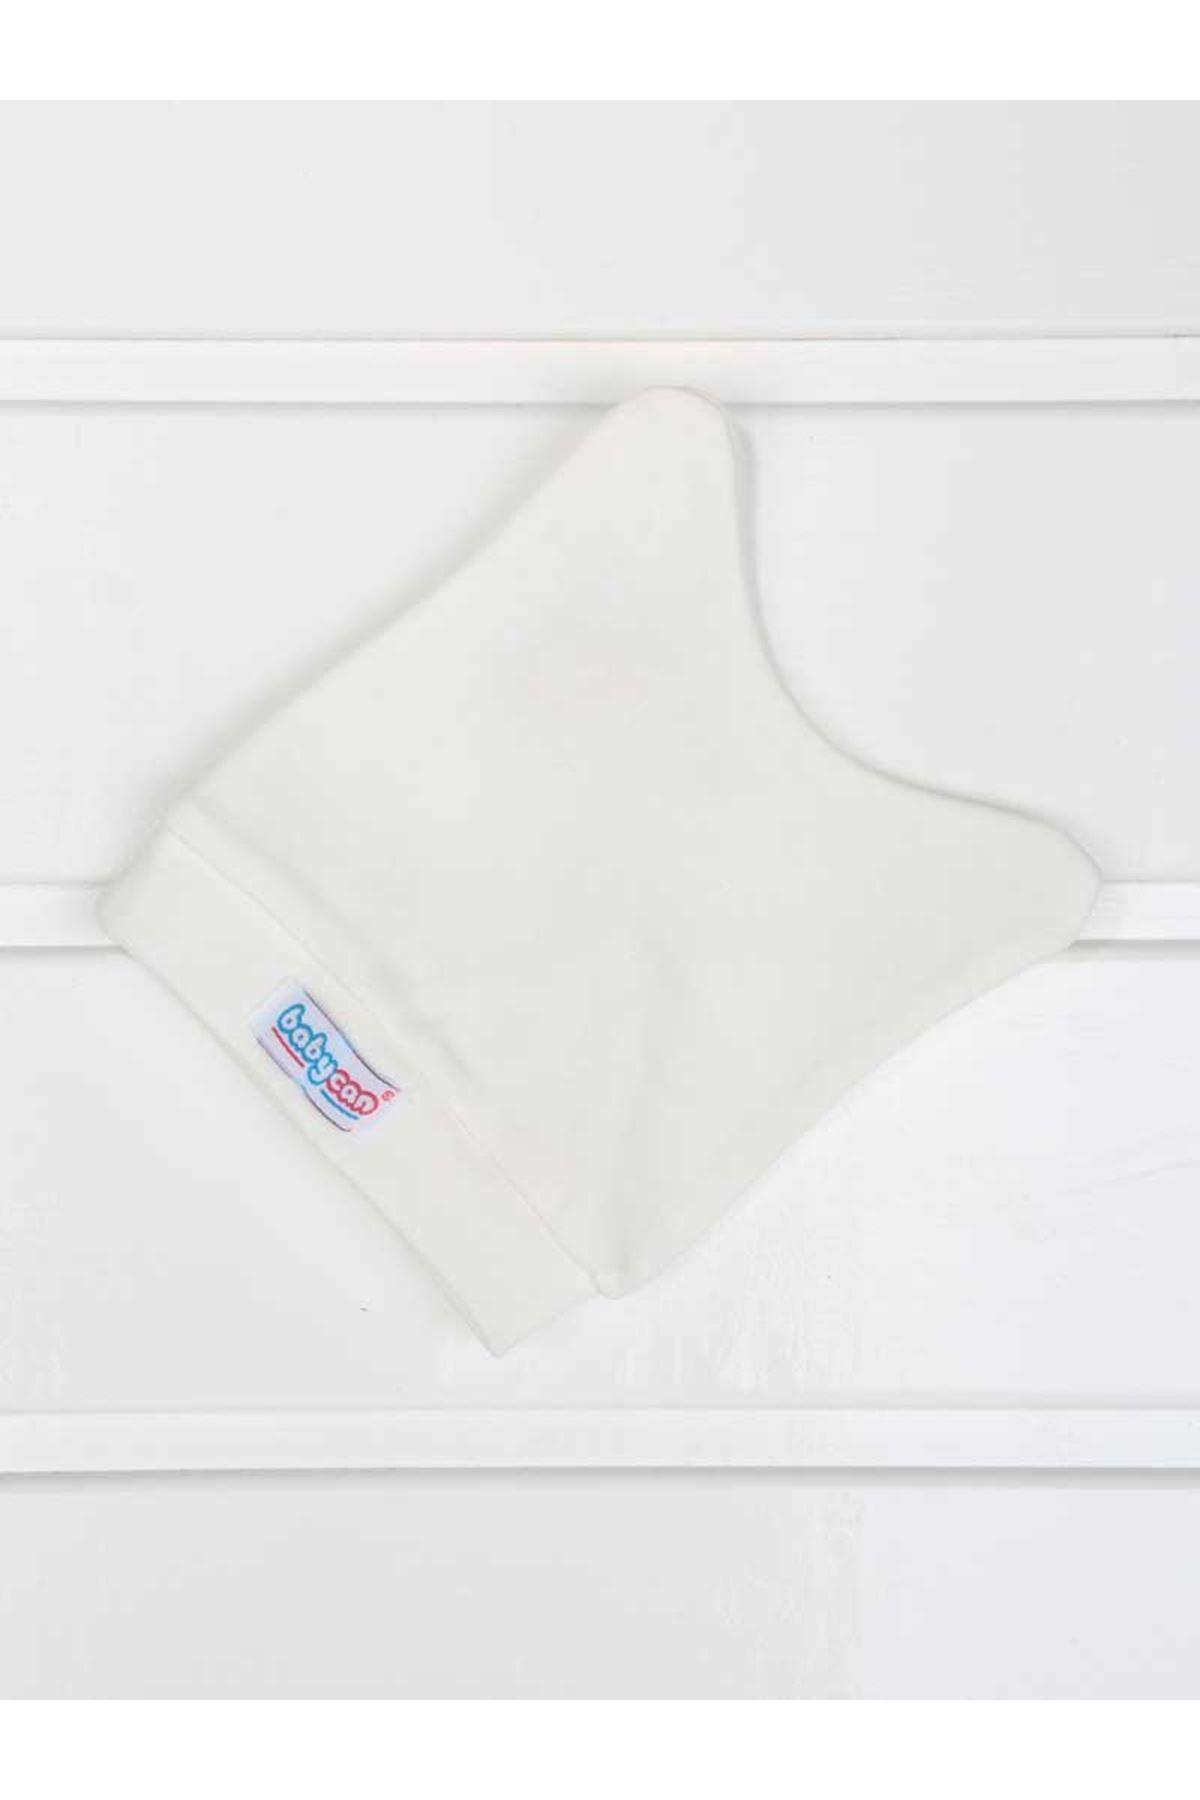 Beyaz Kundak Eldivenli Kız Bebek 3 lü Zıbın Takımı